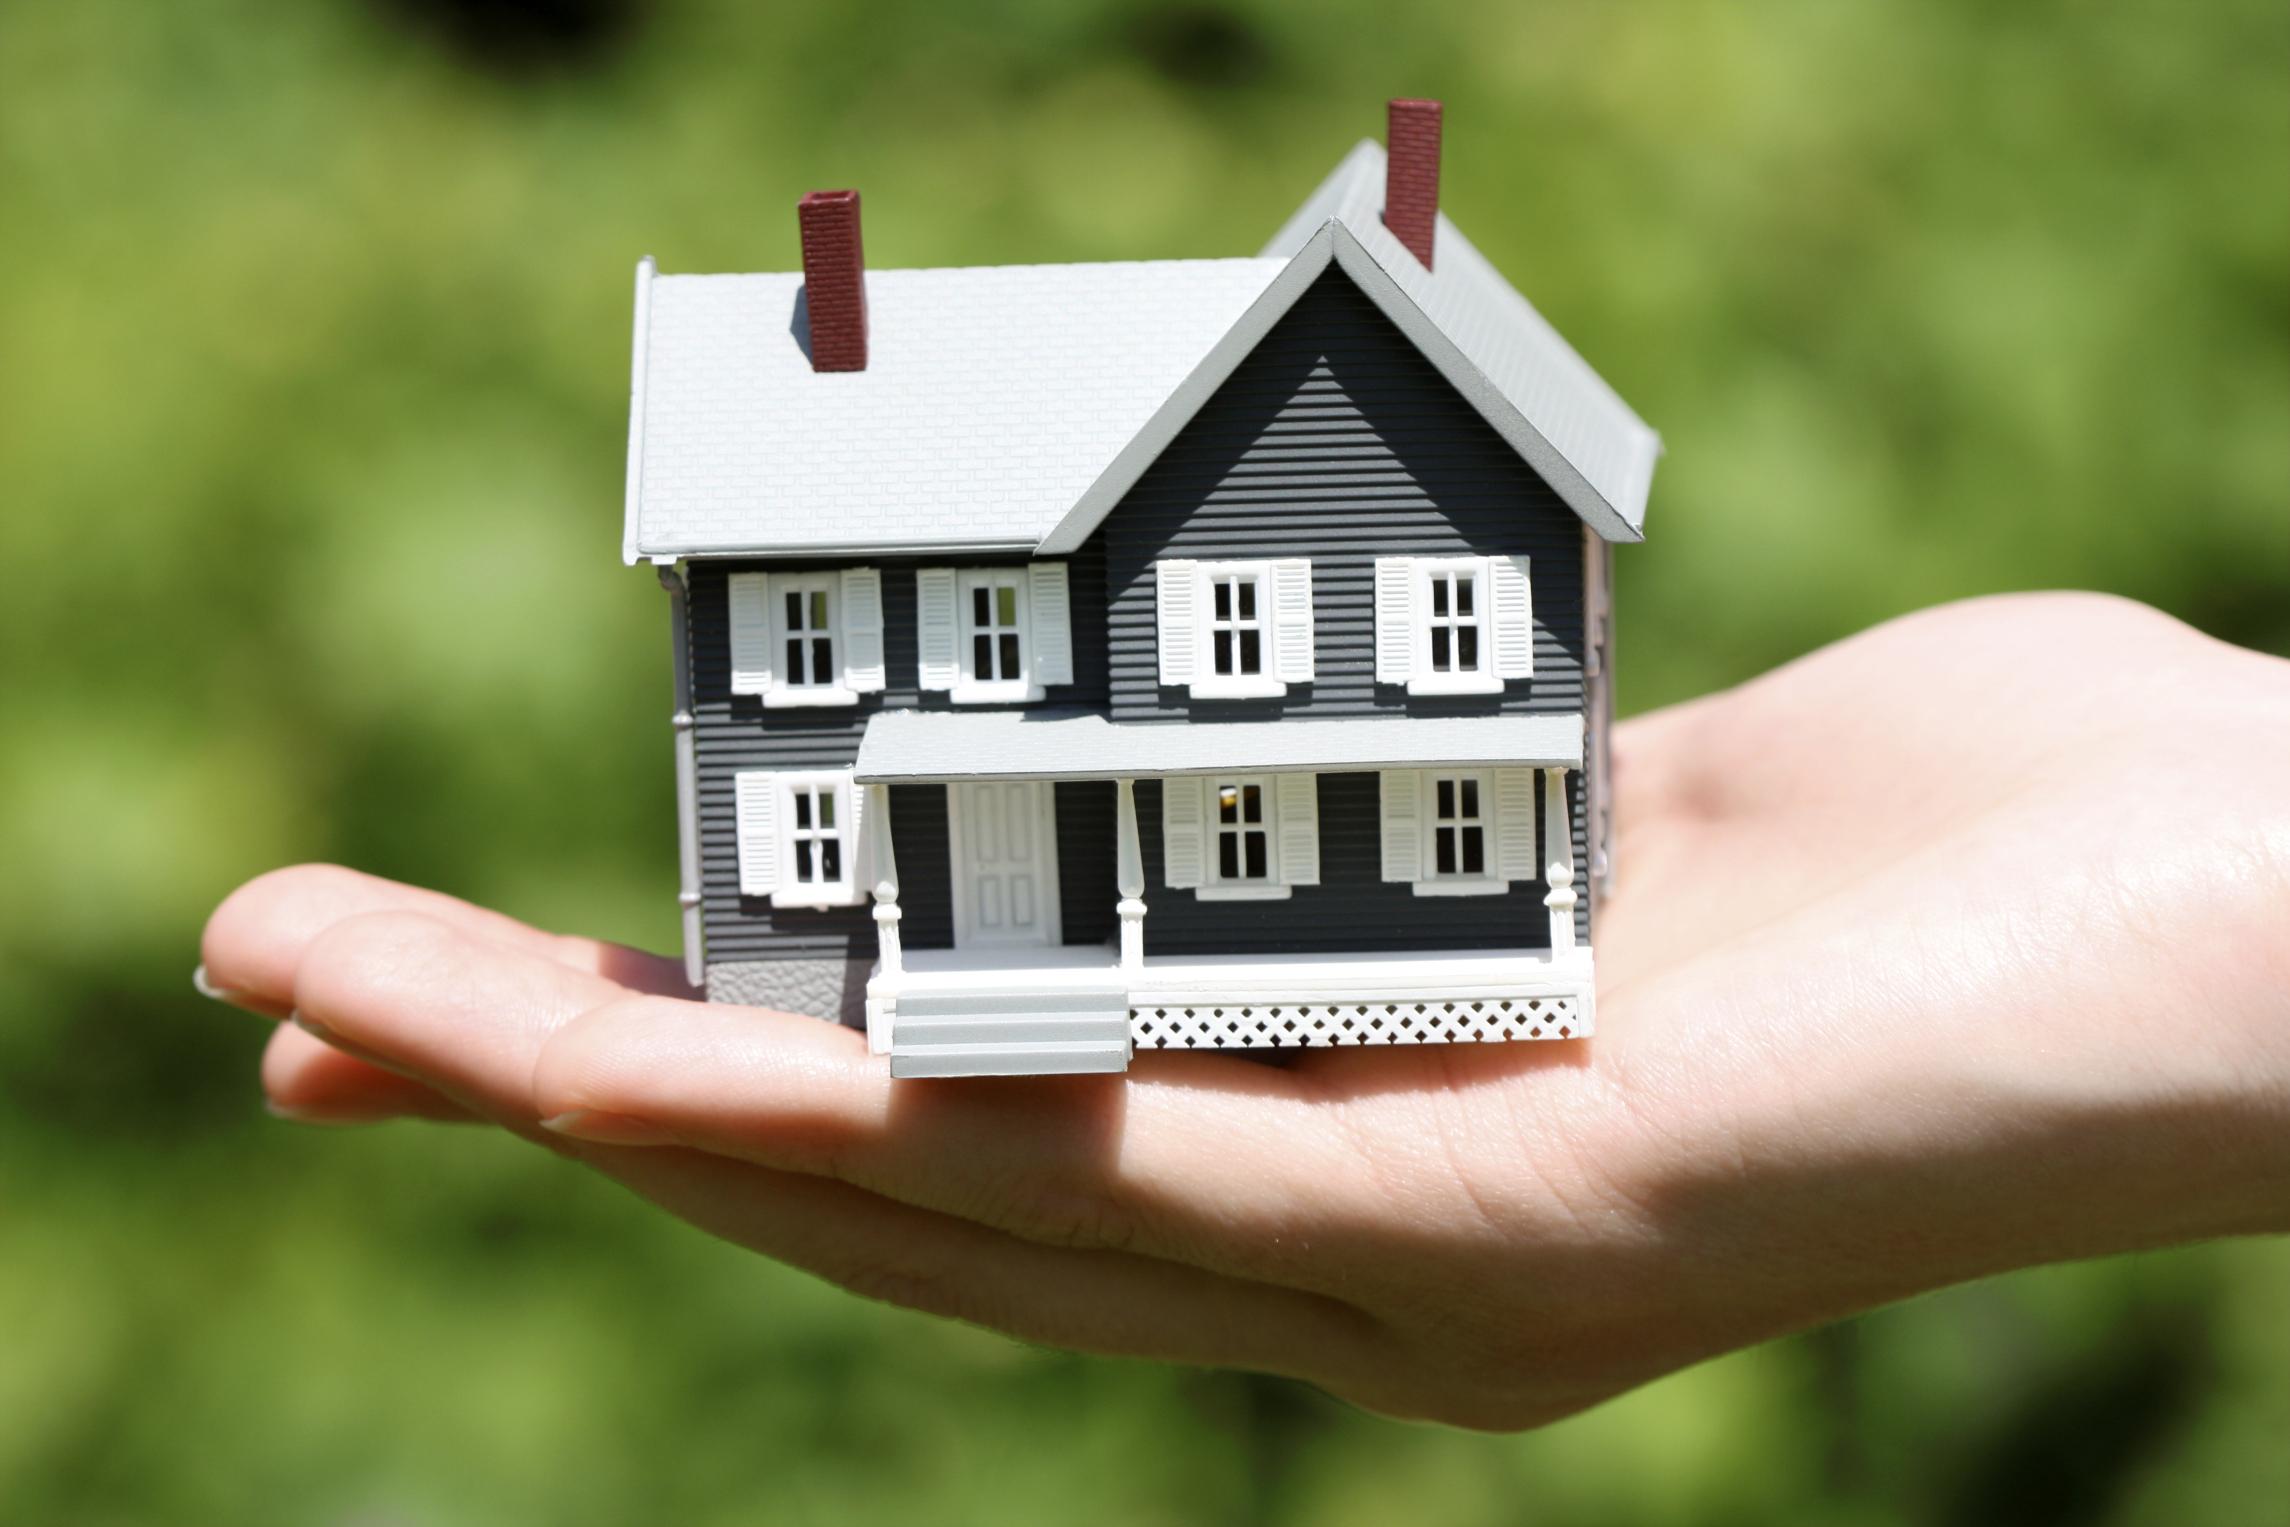 Каковы преимущества осуществления сделок с недвижимостью при помощи агентства недвижимости?